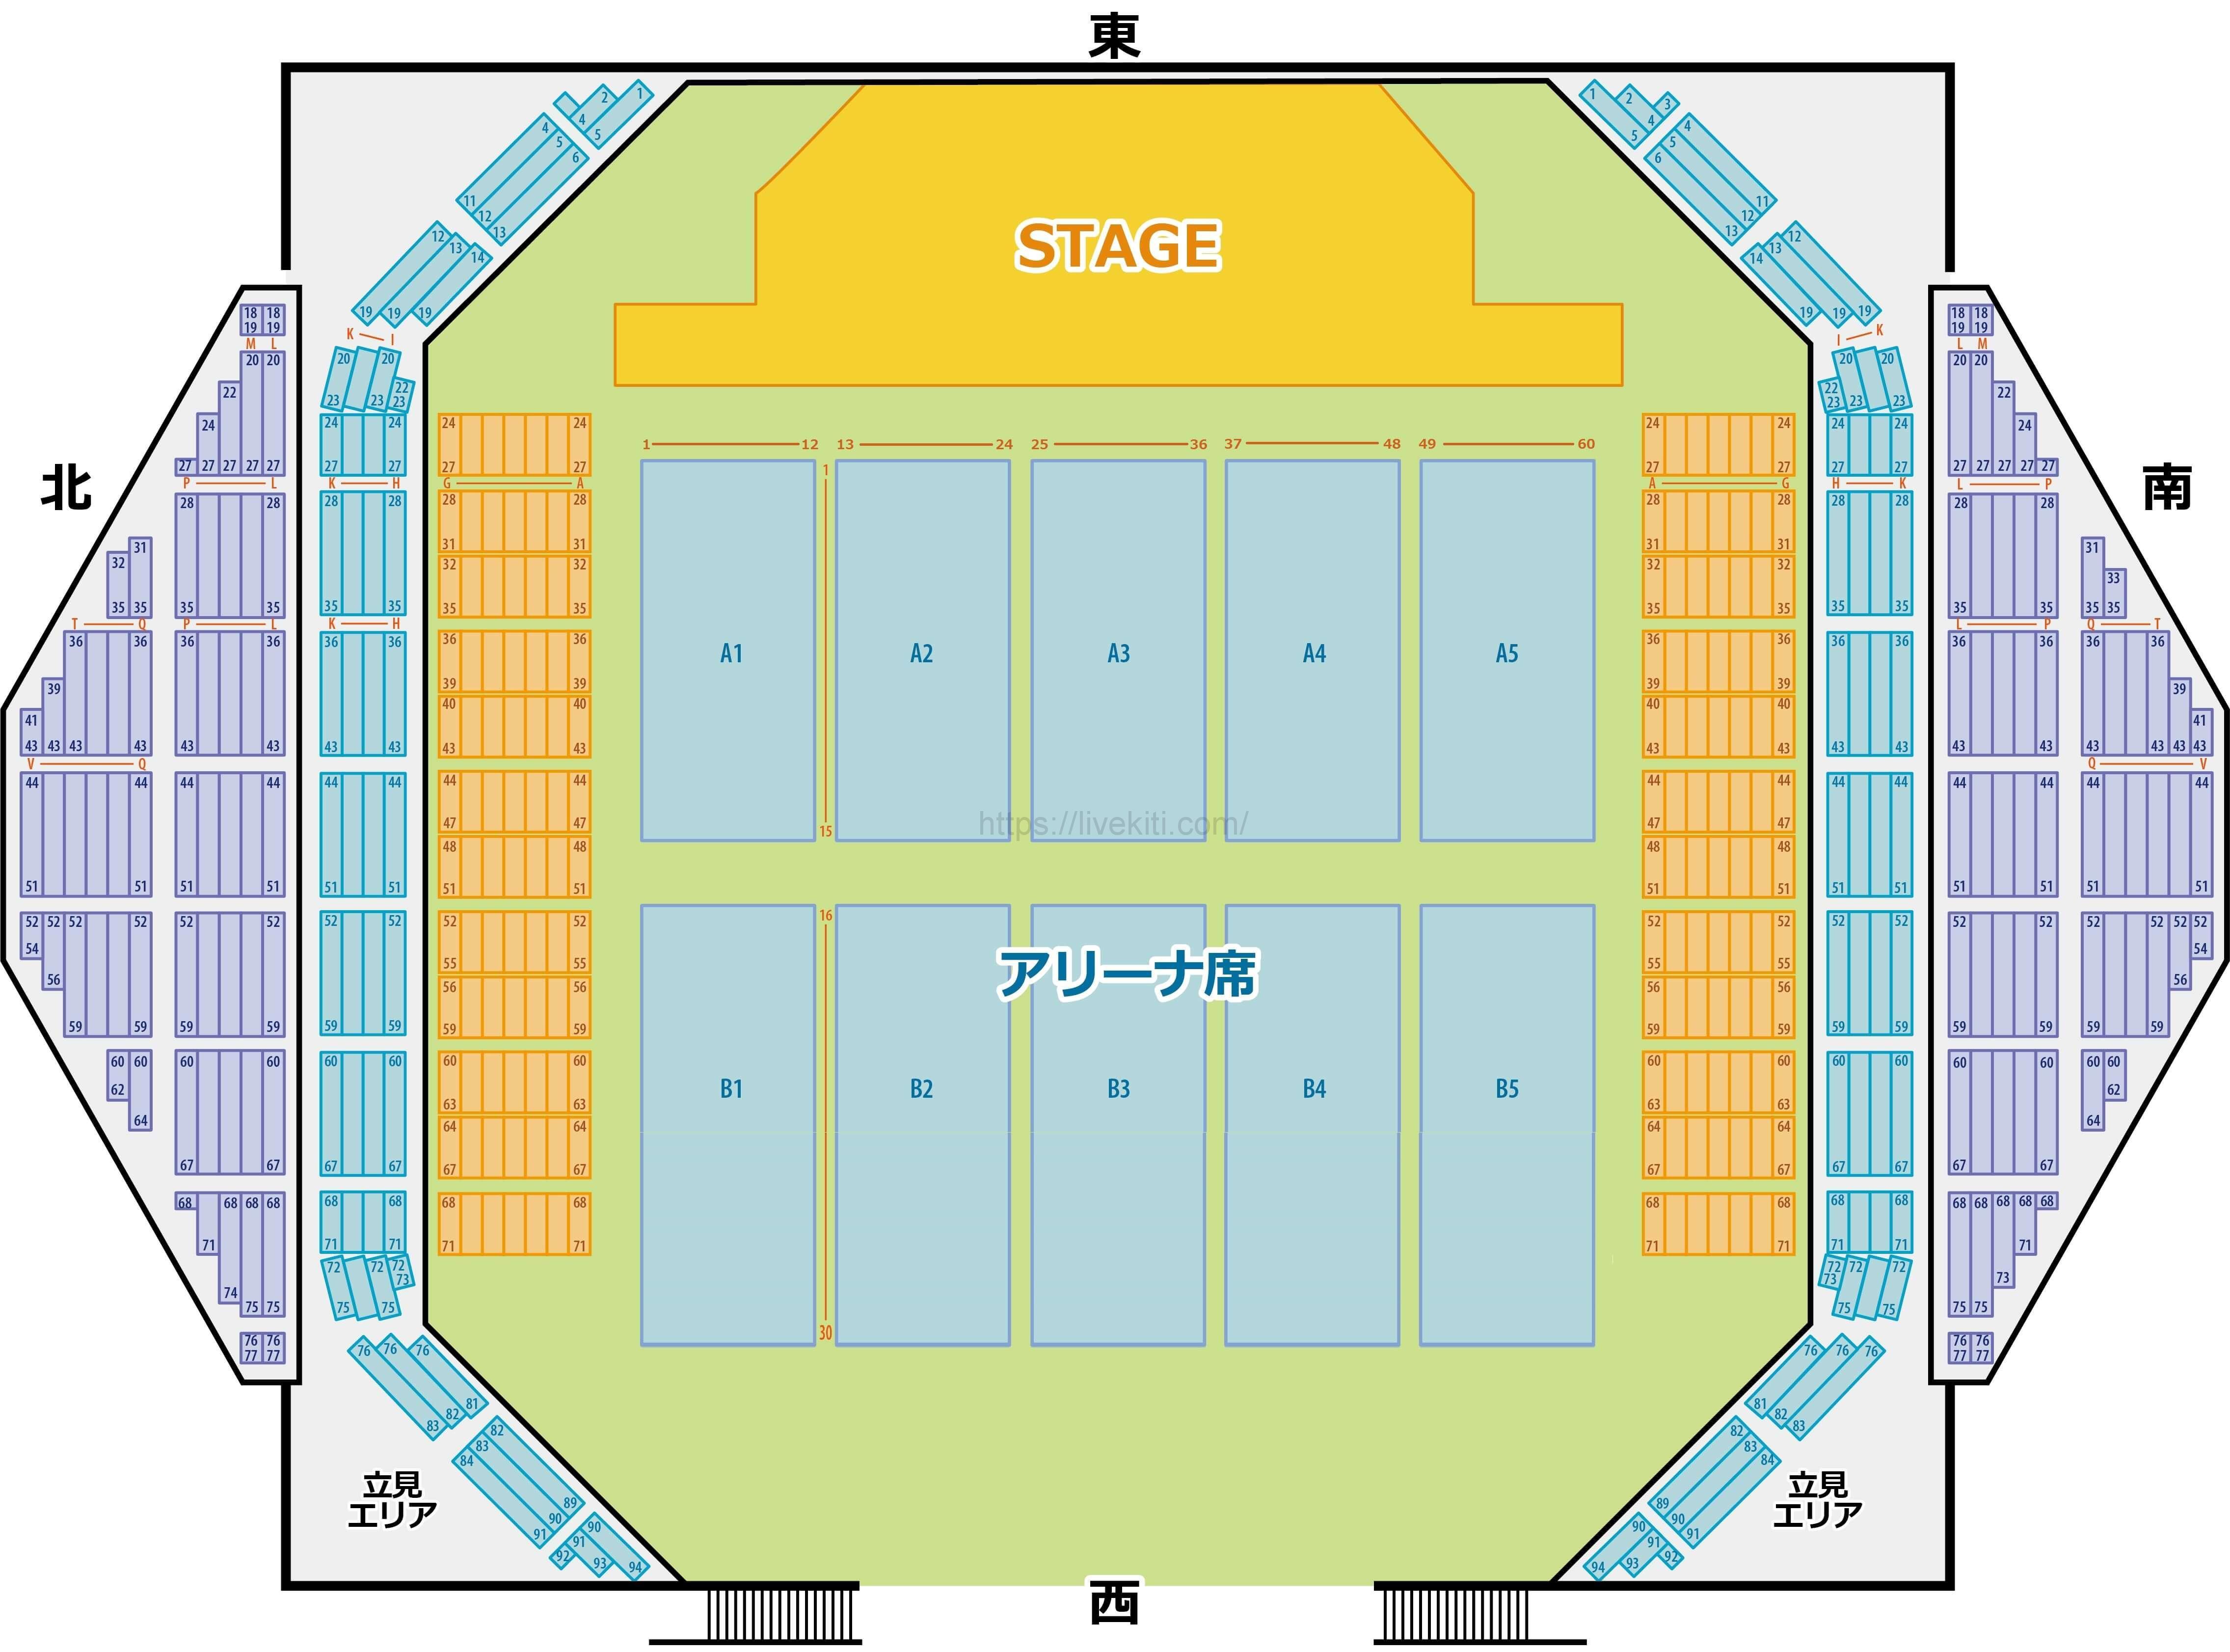 沖縄コンベンションセンター 展示棟 座席表 可動席あり